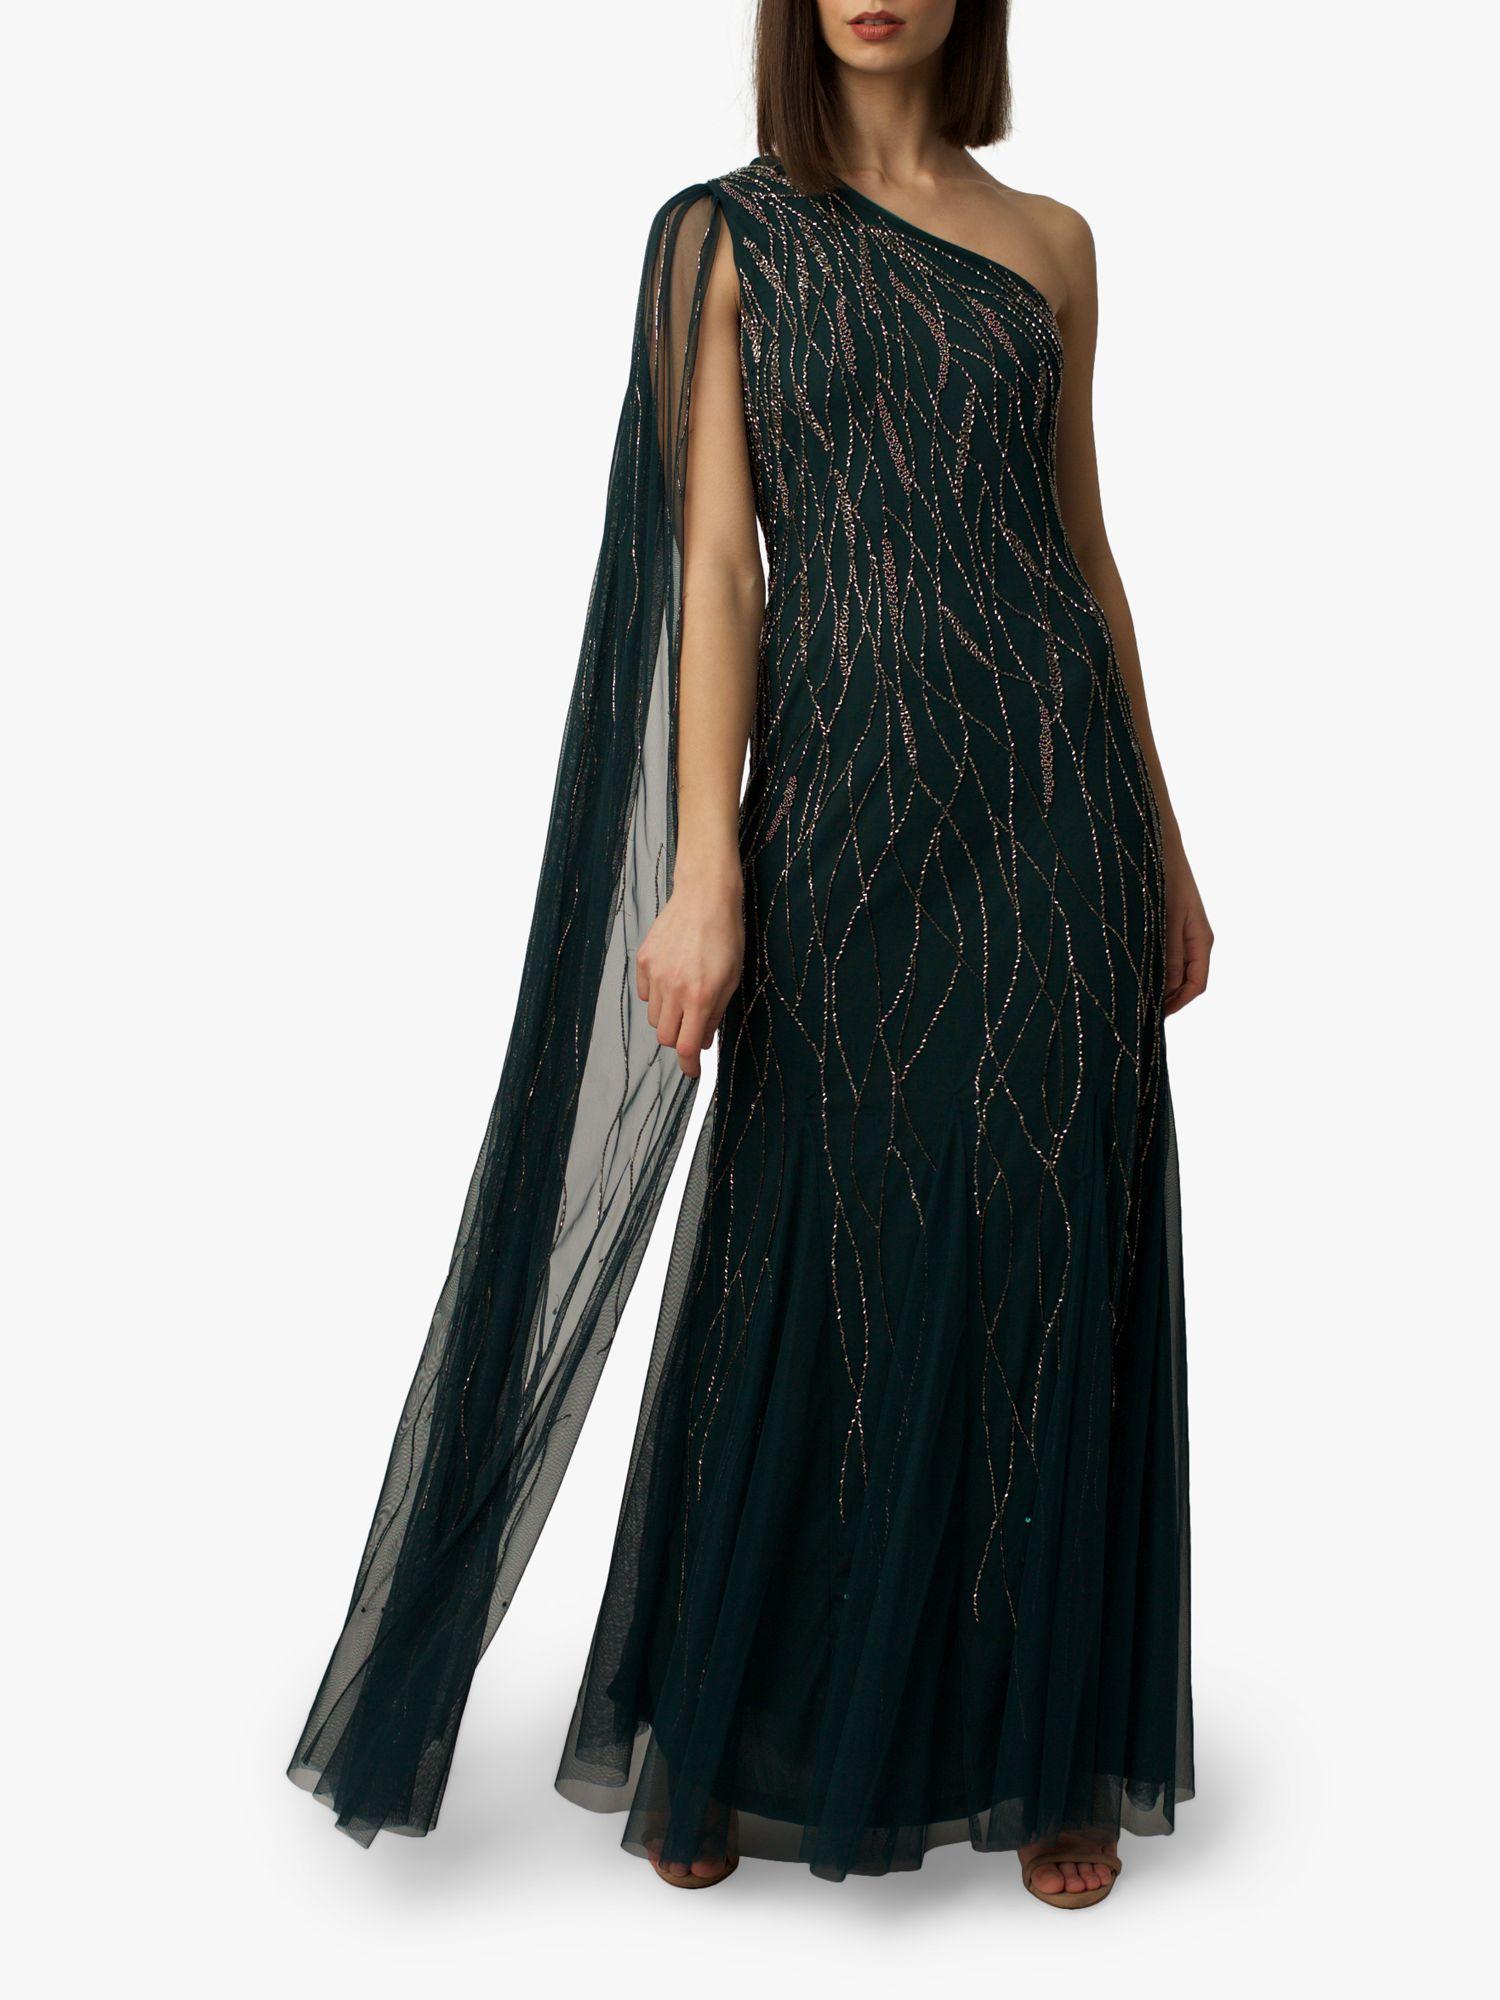 RAISHMA Raishma Mila Embroidered Gown